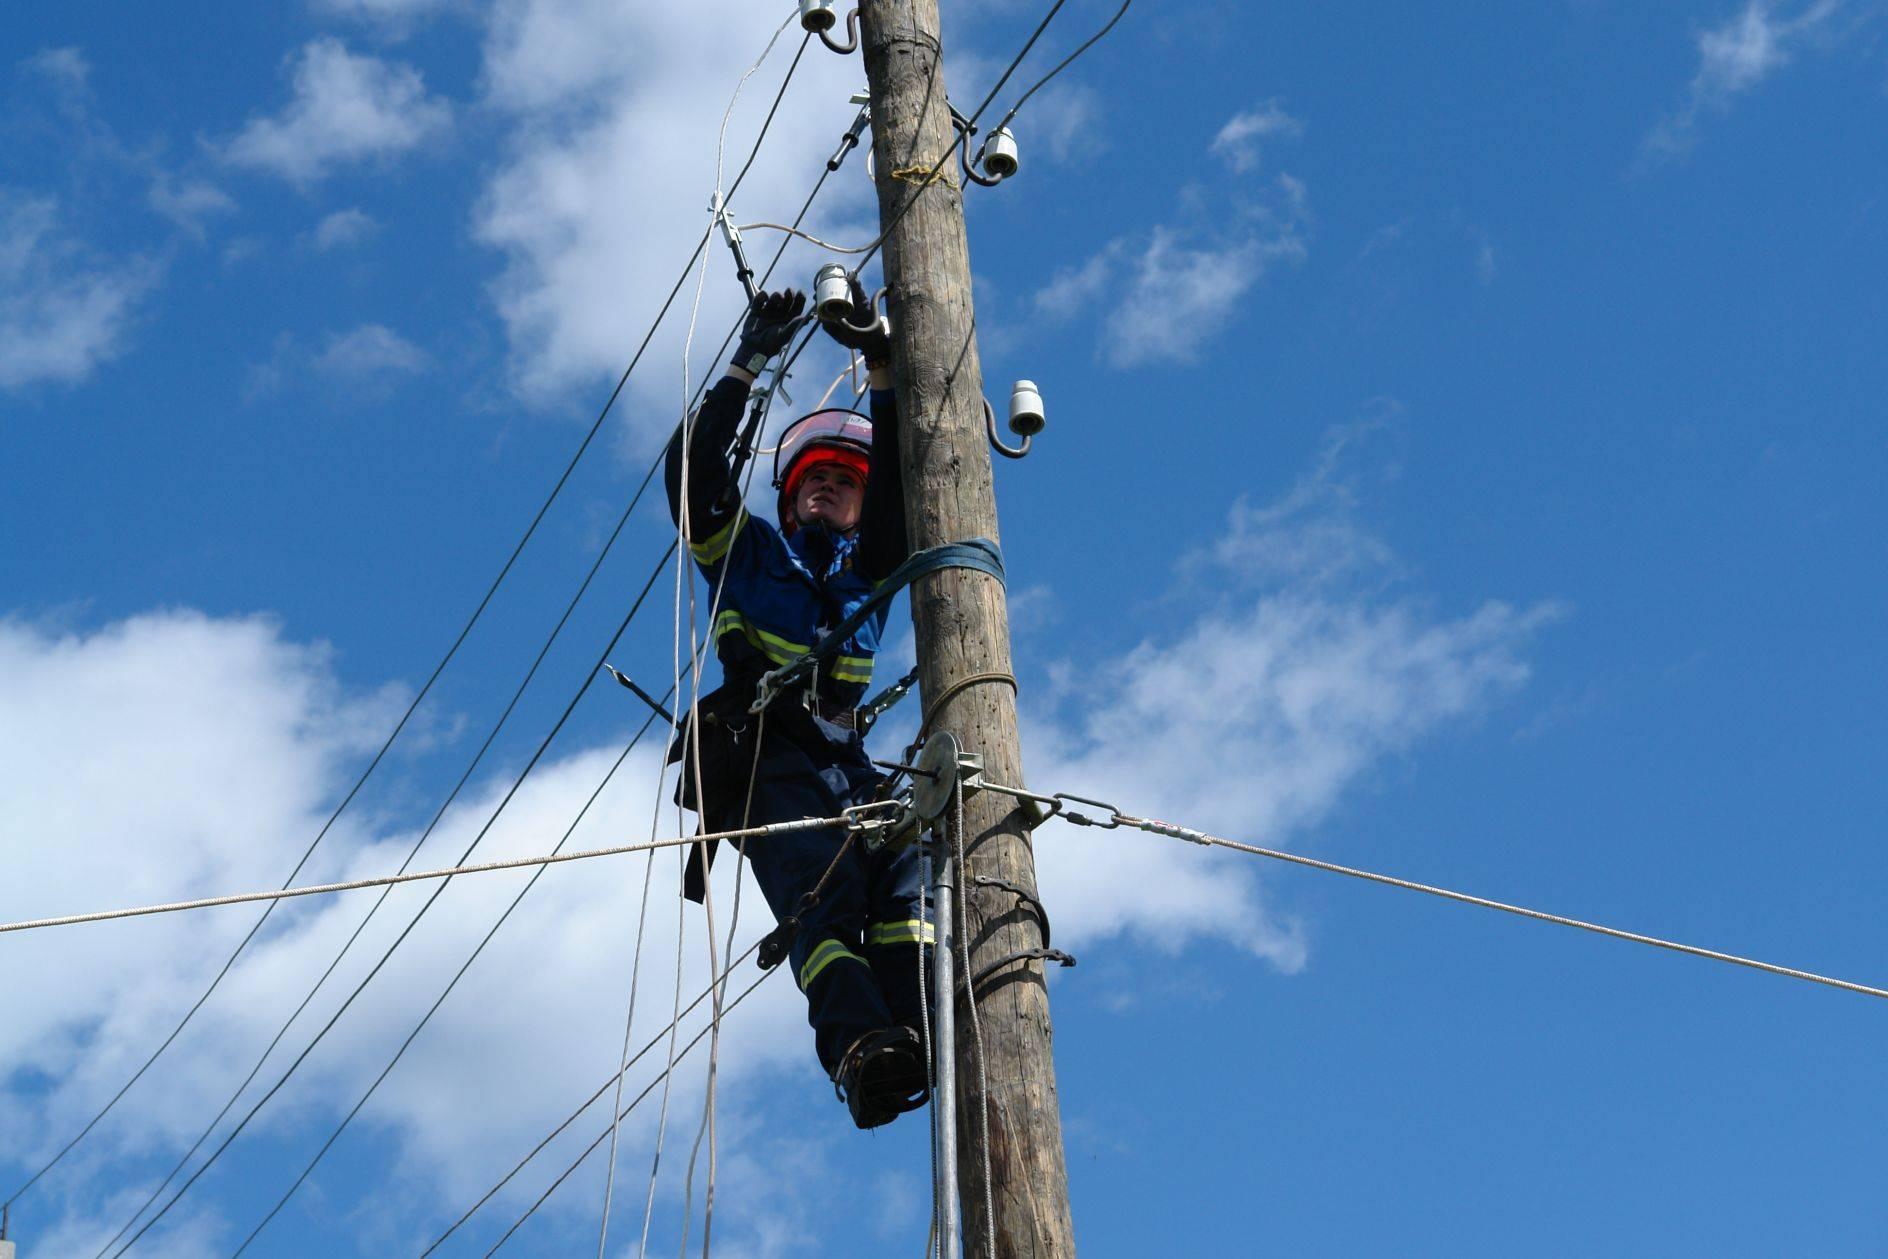 В 13 населенных пунктах КЧР временно ограничат энергоснабжение